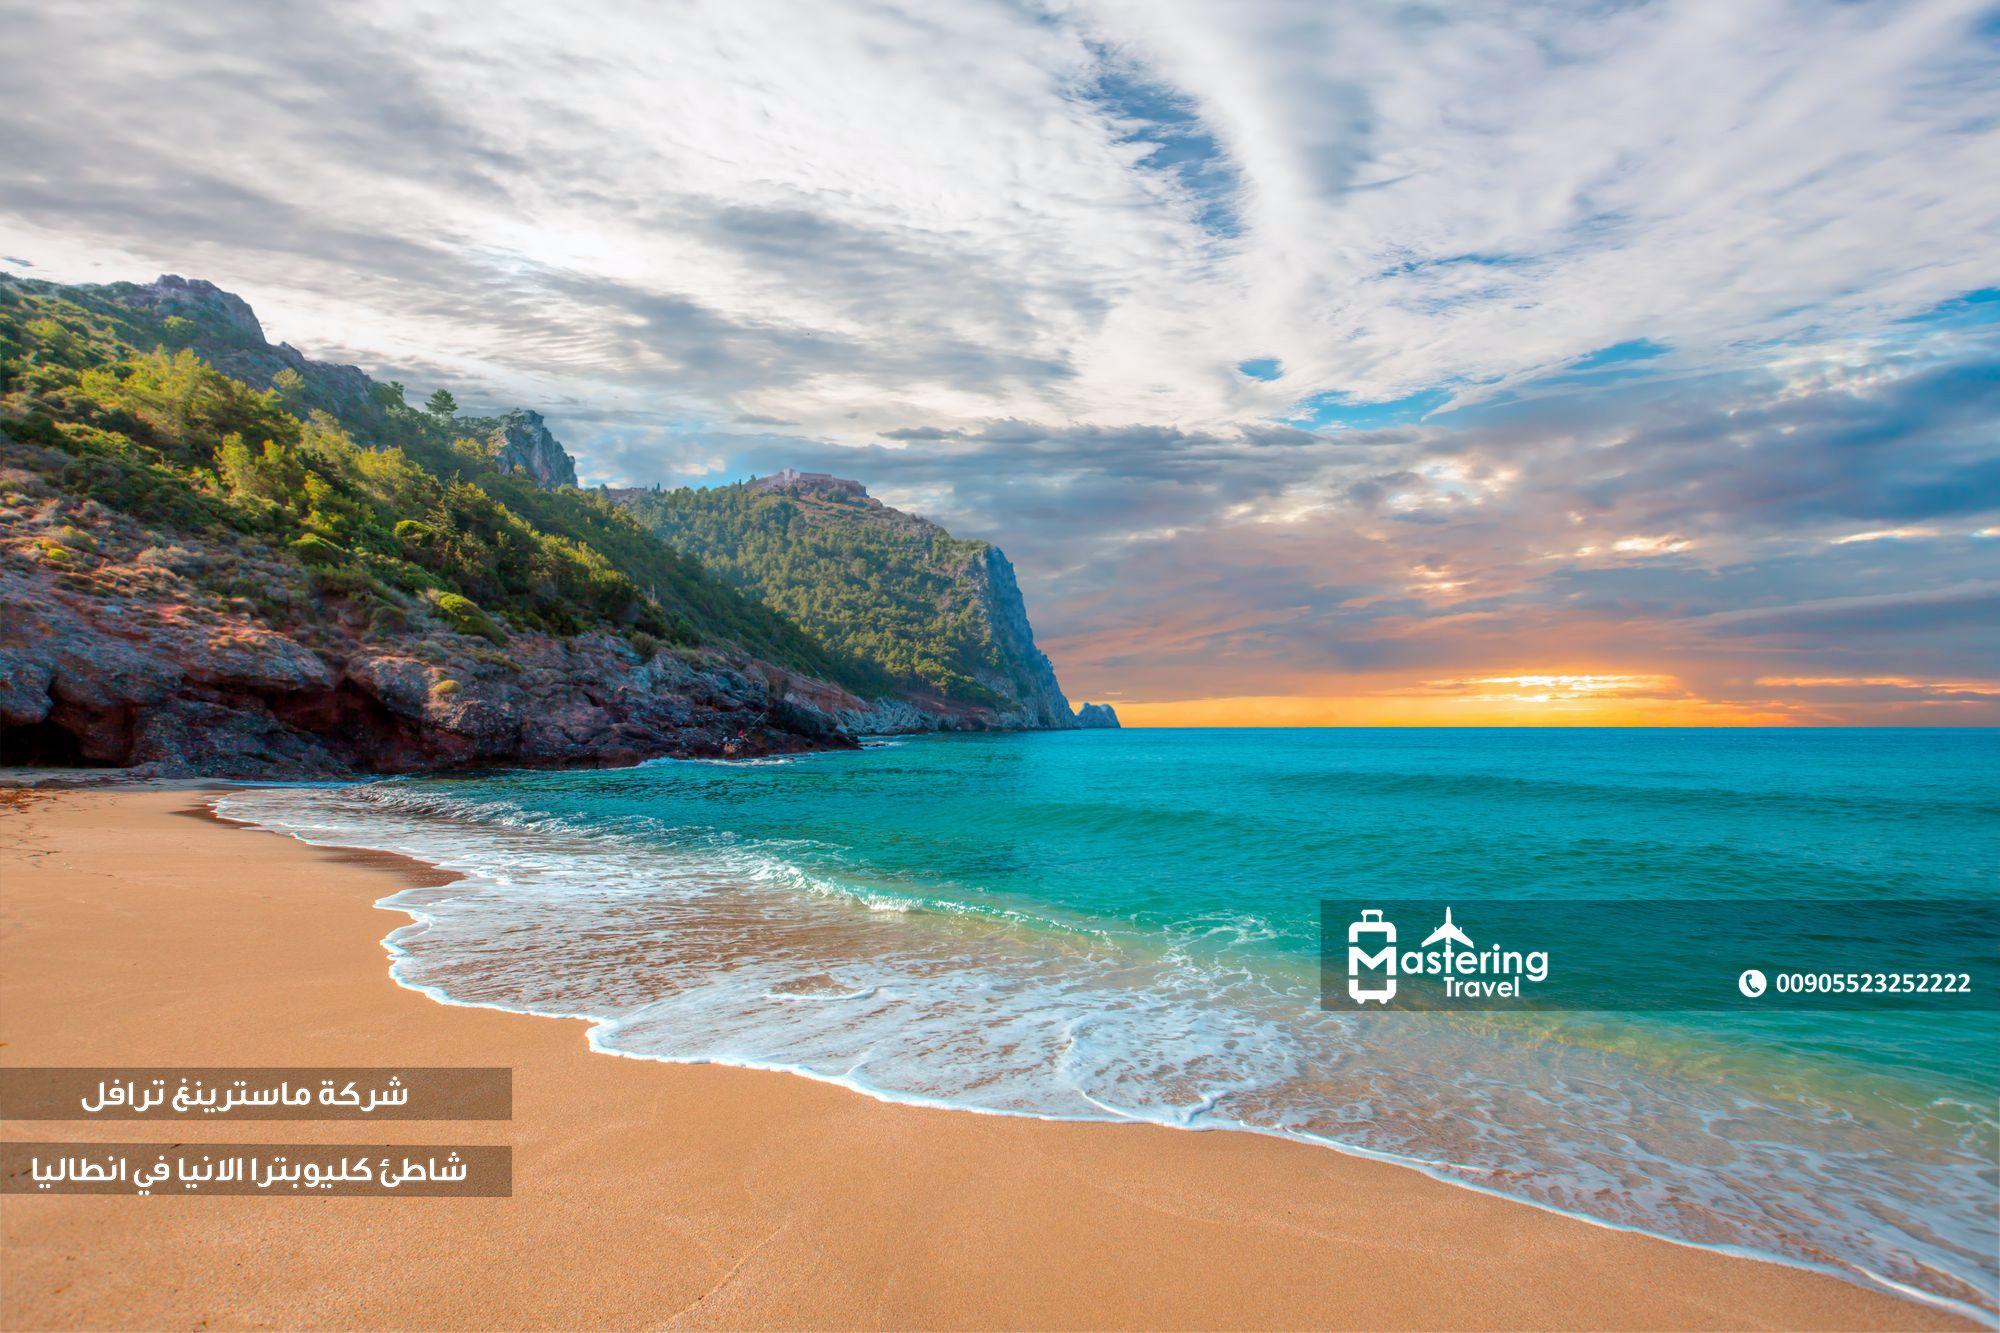 شاطئ كليوبترا الانيا في انطاليا Kleopatra Plaji استئجار سيارات في انطاليا مع سواق يتكلم عربي